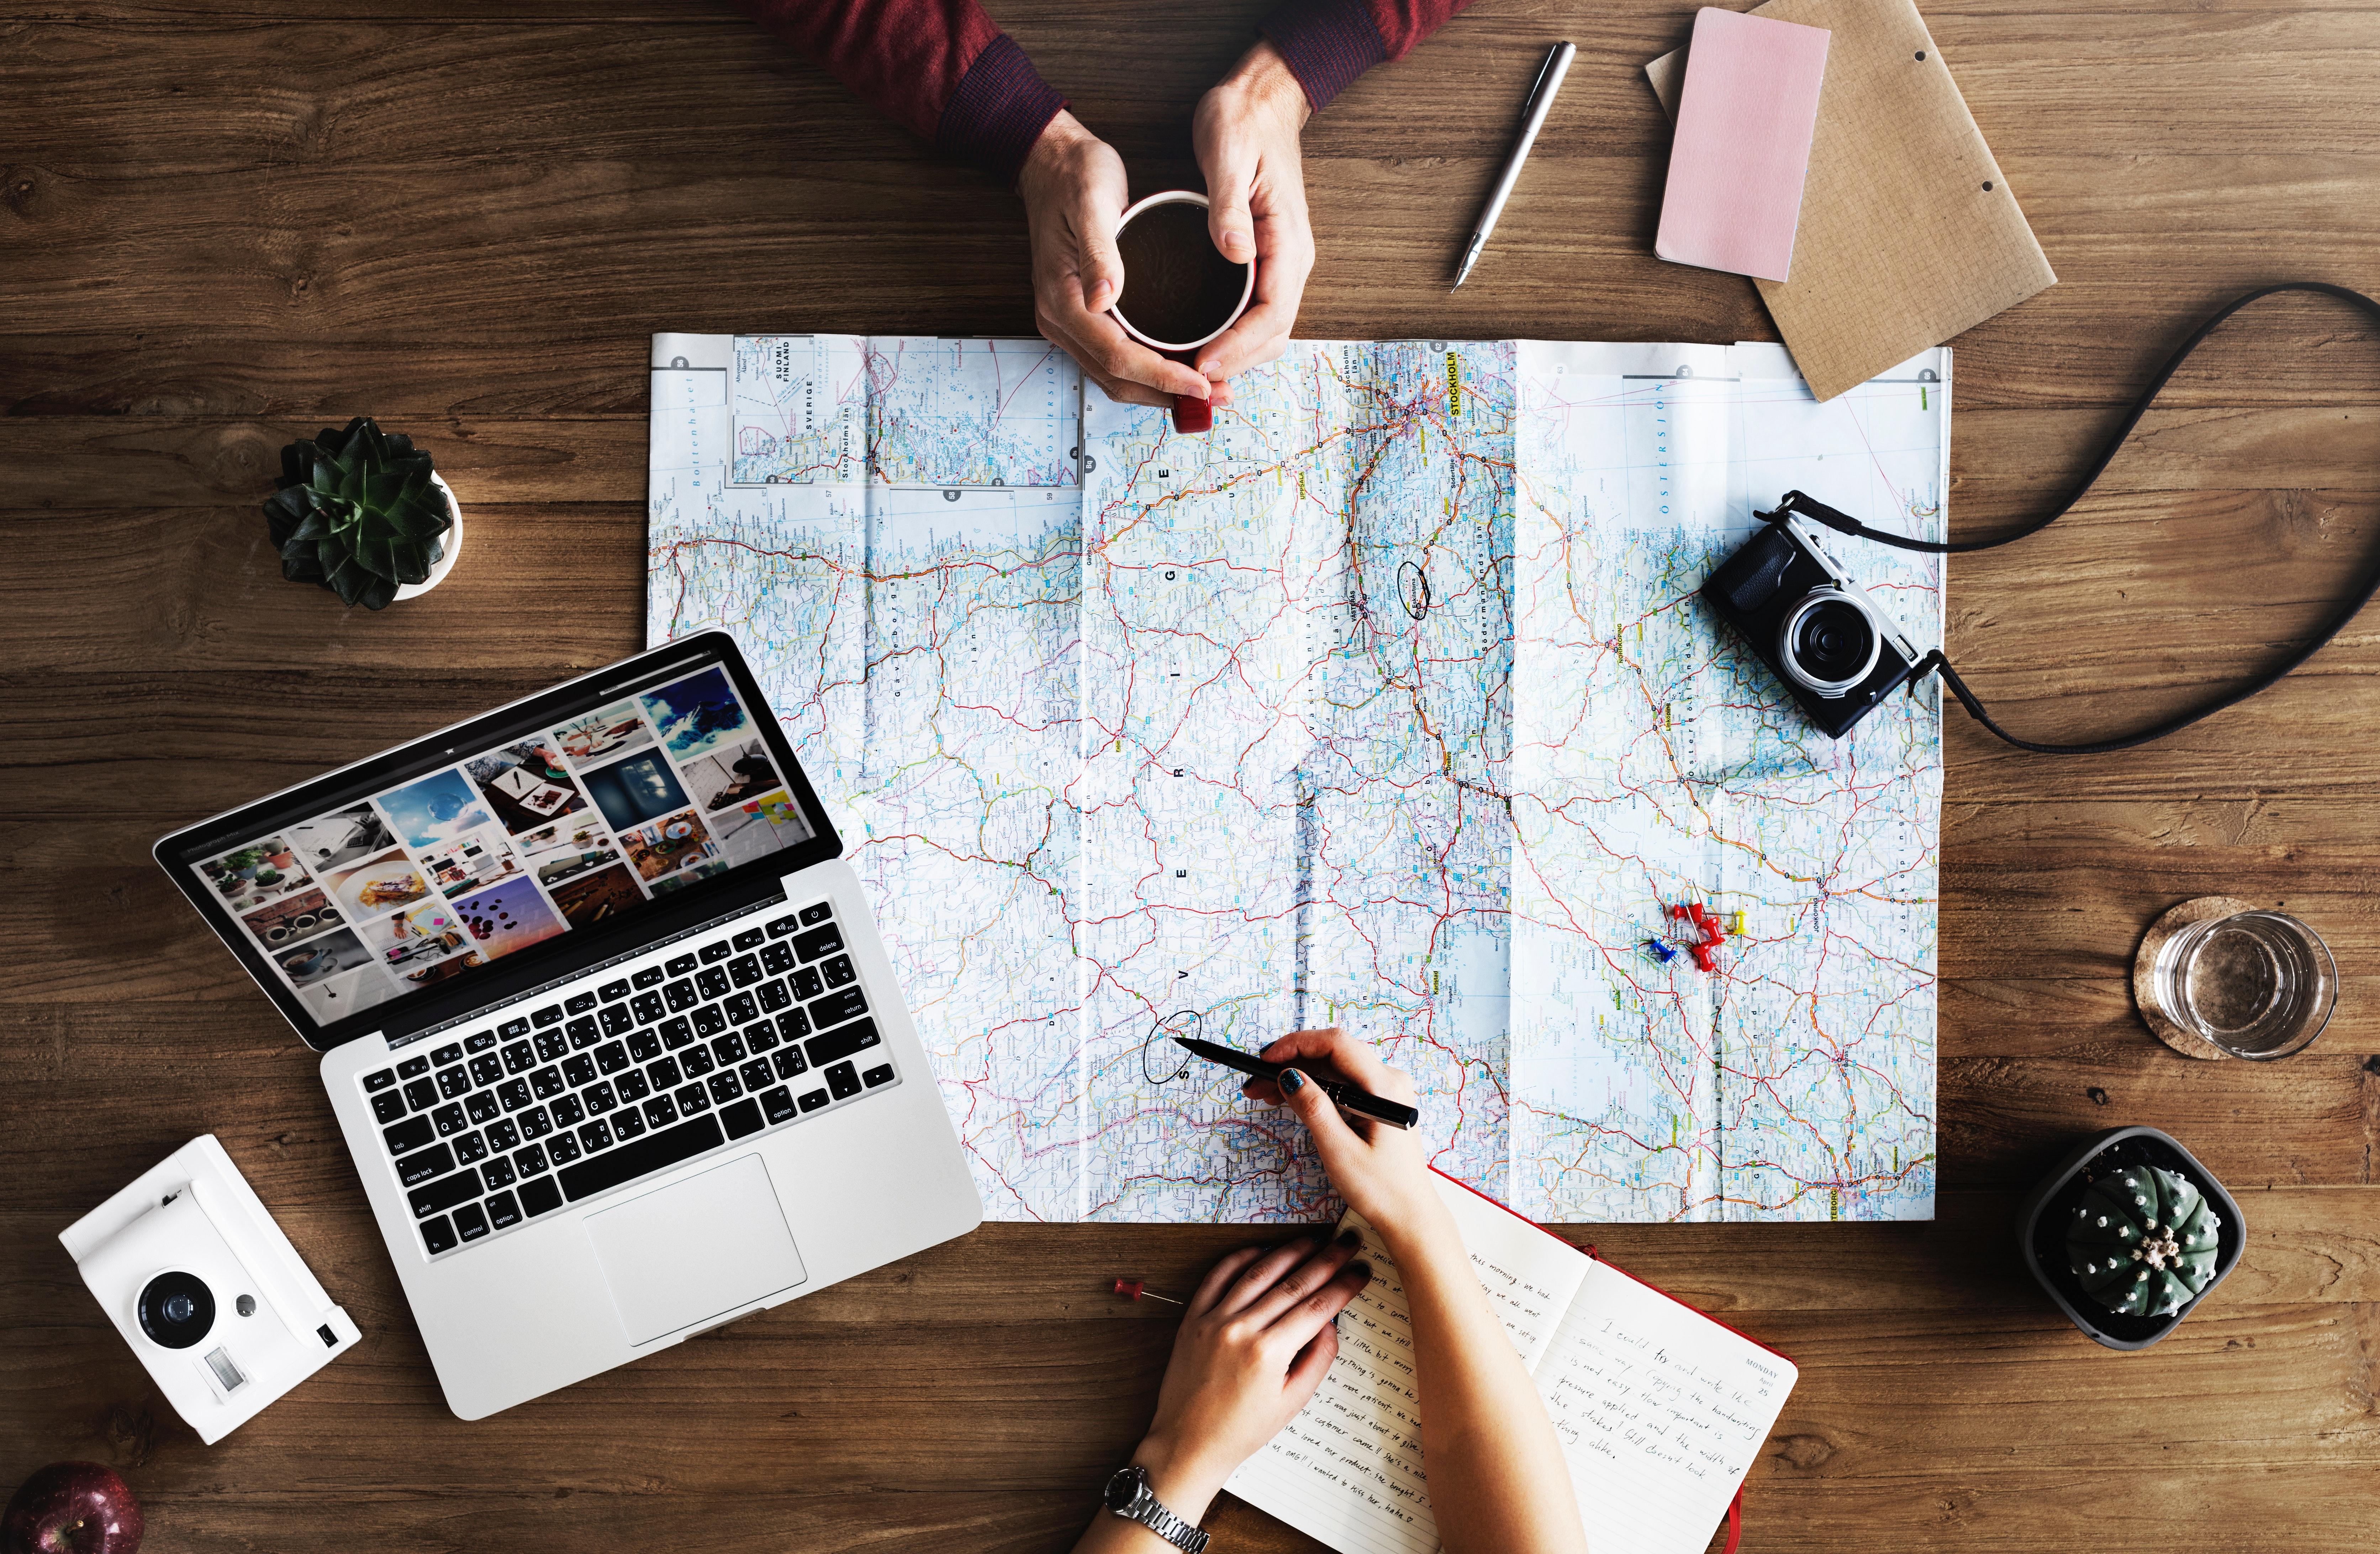 Panejando a viagem - Turismo on line